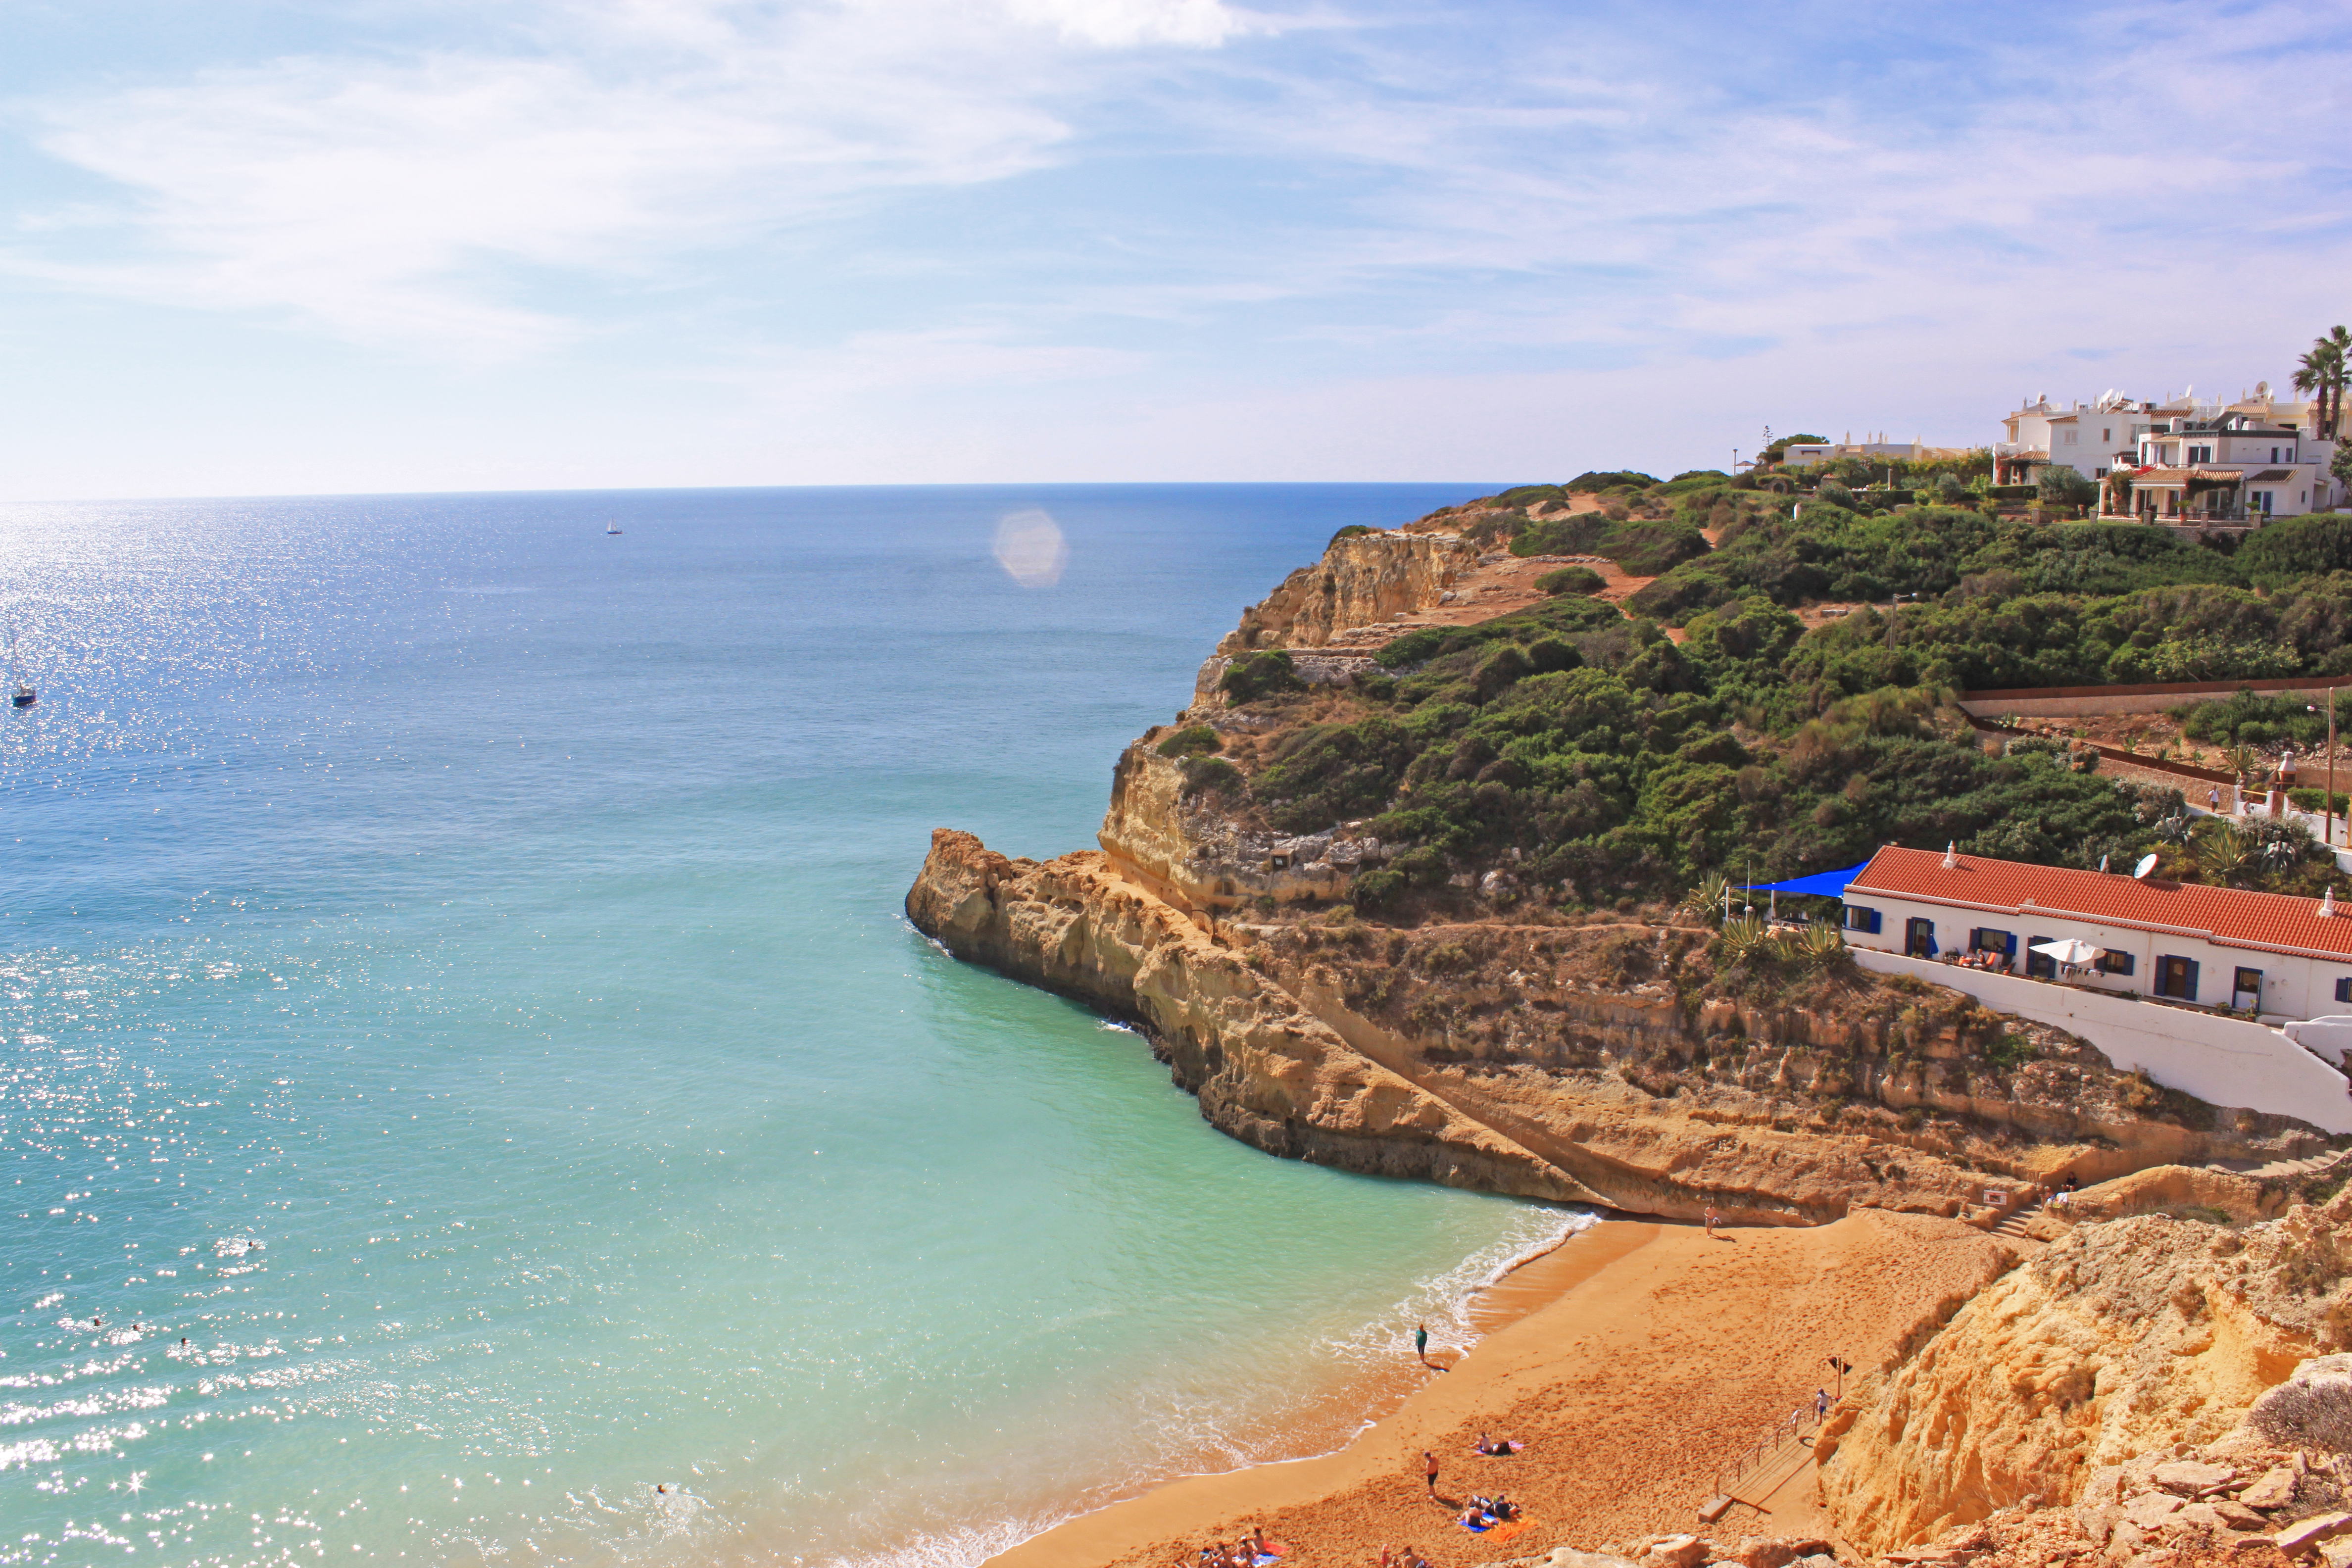 Отдохнуть и расслабиться? Вам в Португалию!